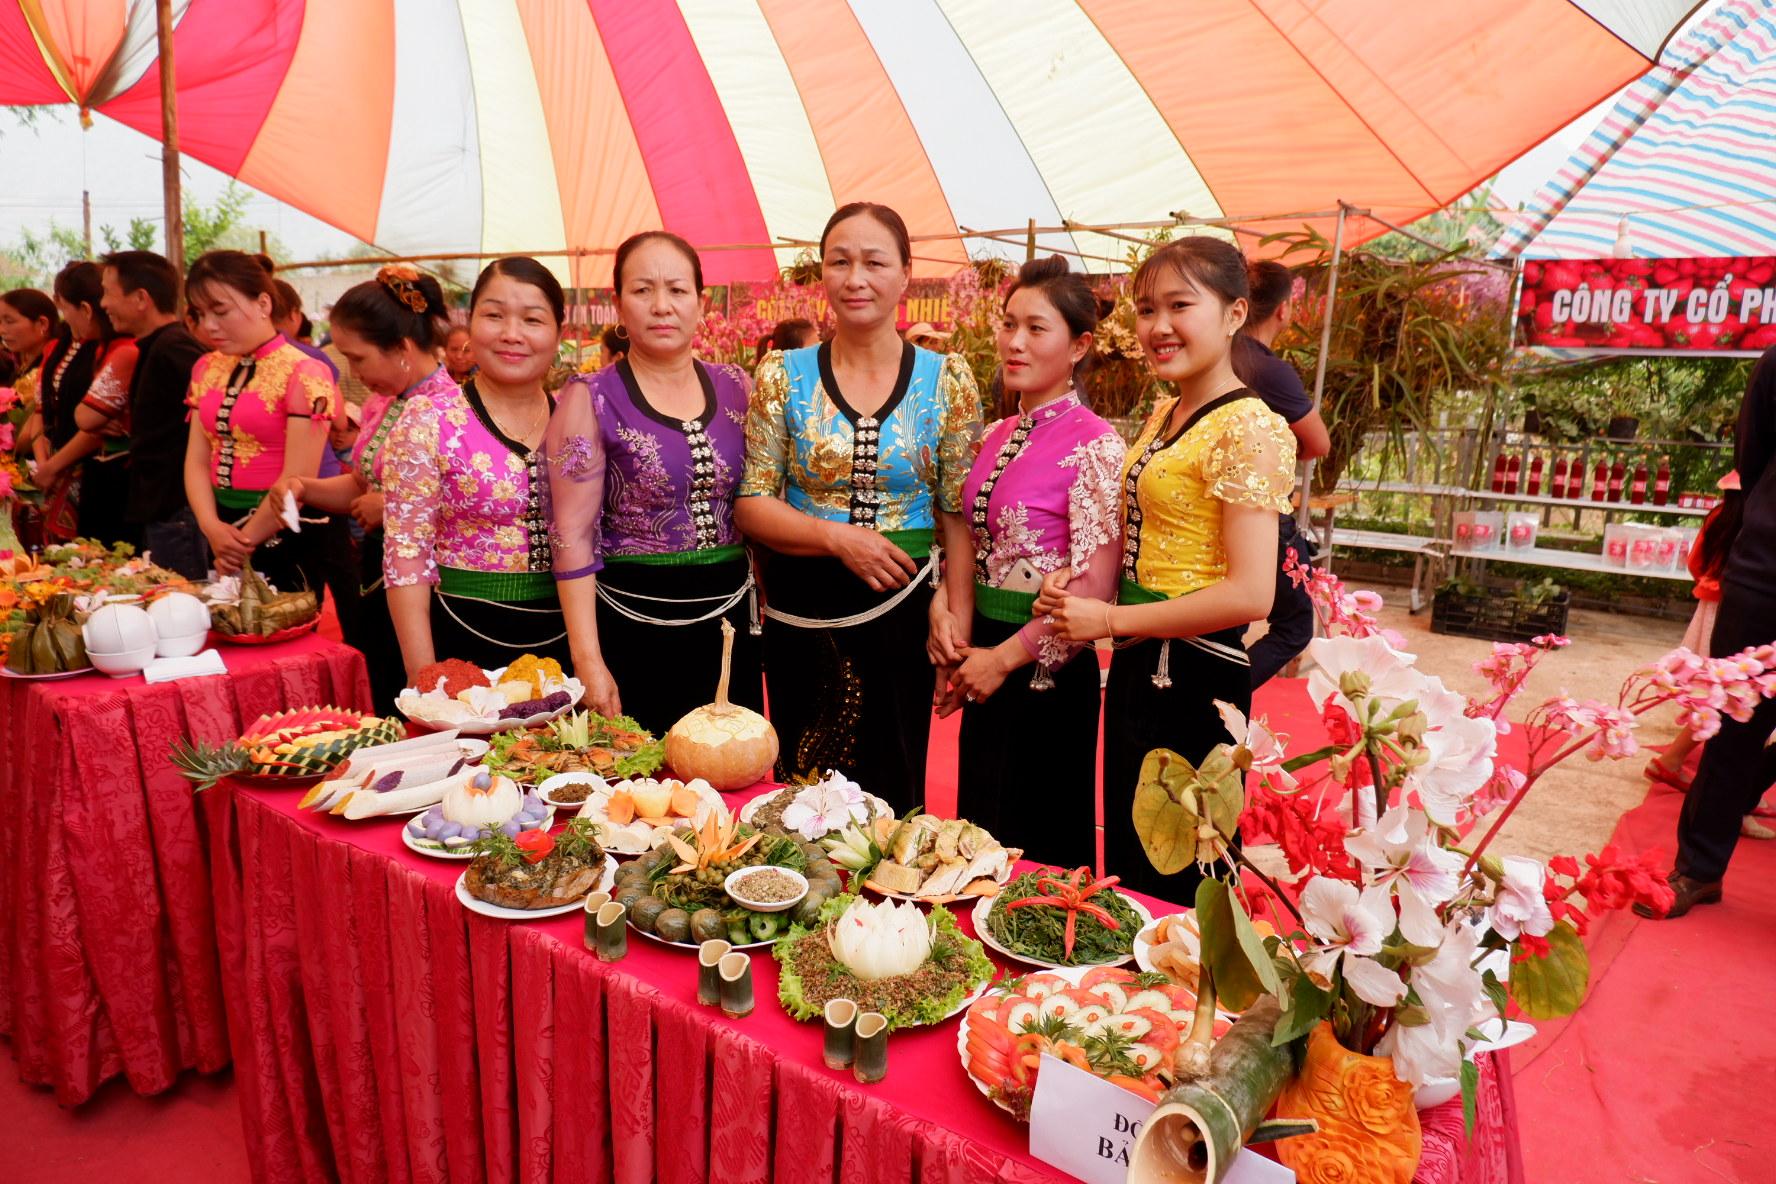 Cuộc thi nấu ăn và trưng bày ẩm thực - Lễ hội Hết Chá năm 2019